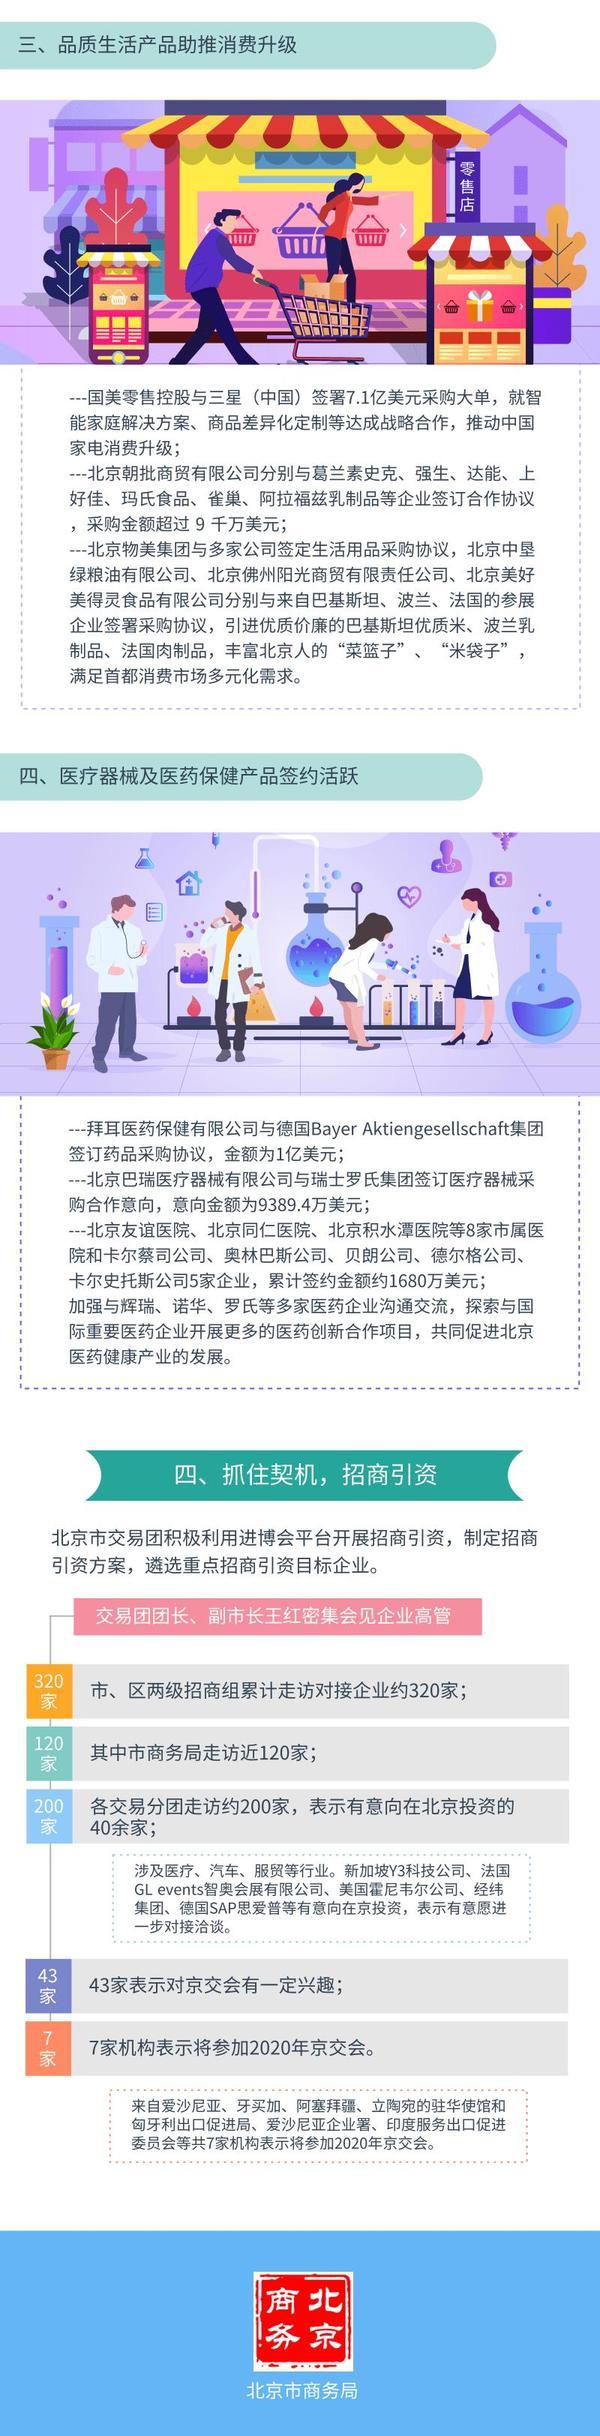 申博娱乐官网欢迎您,人民日报:袁隆平秋天的喜讯